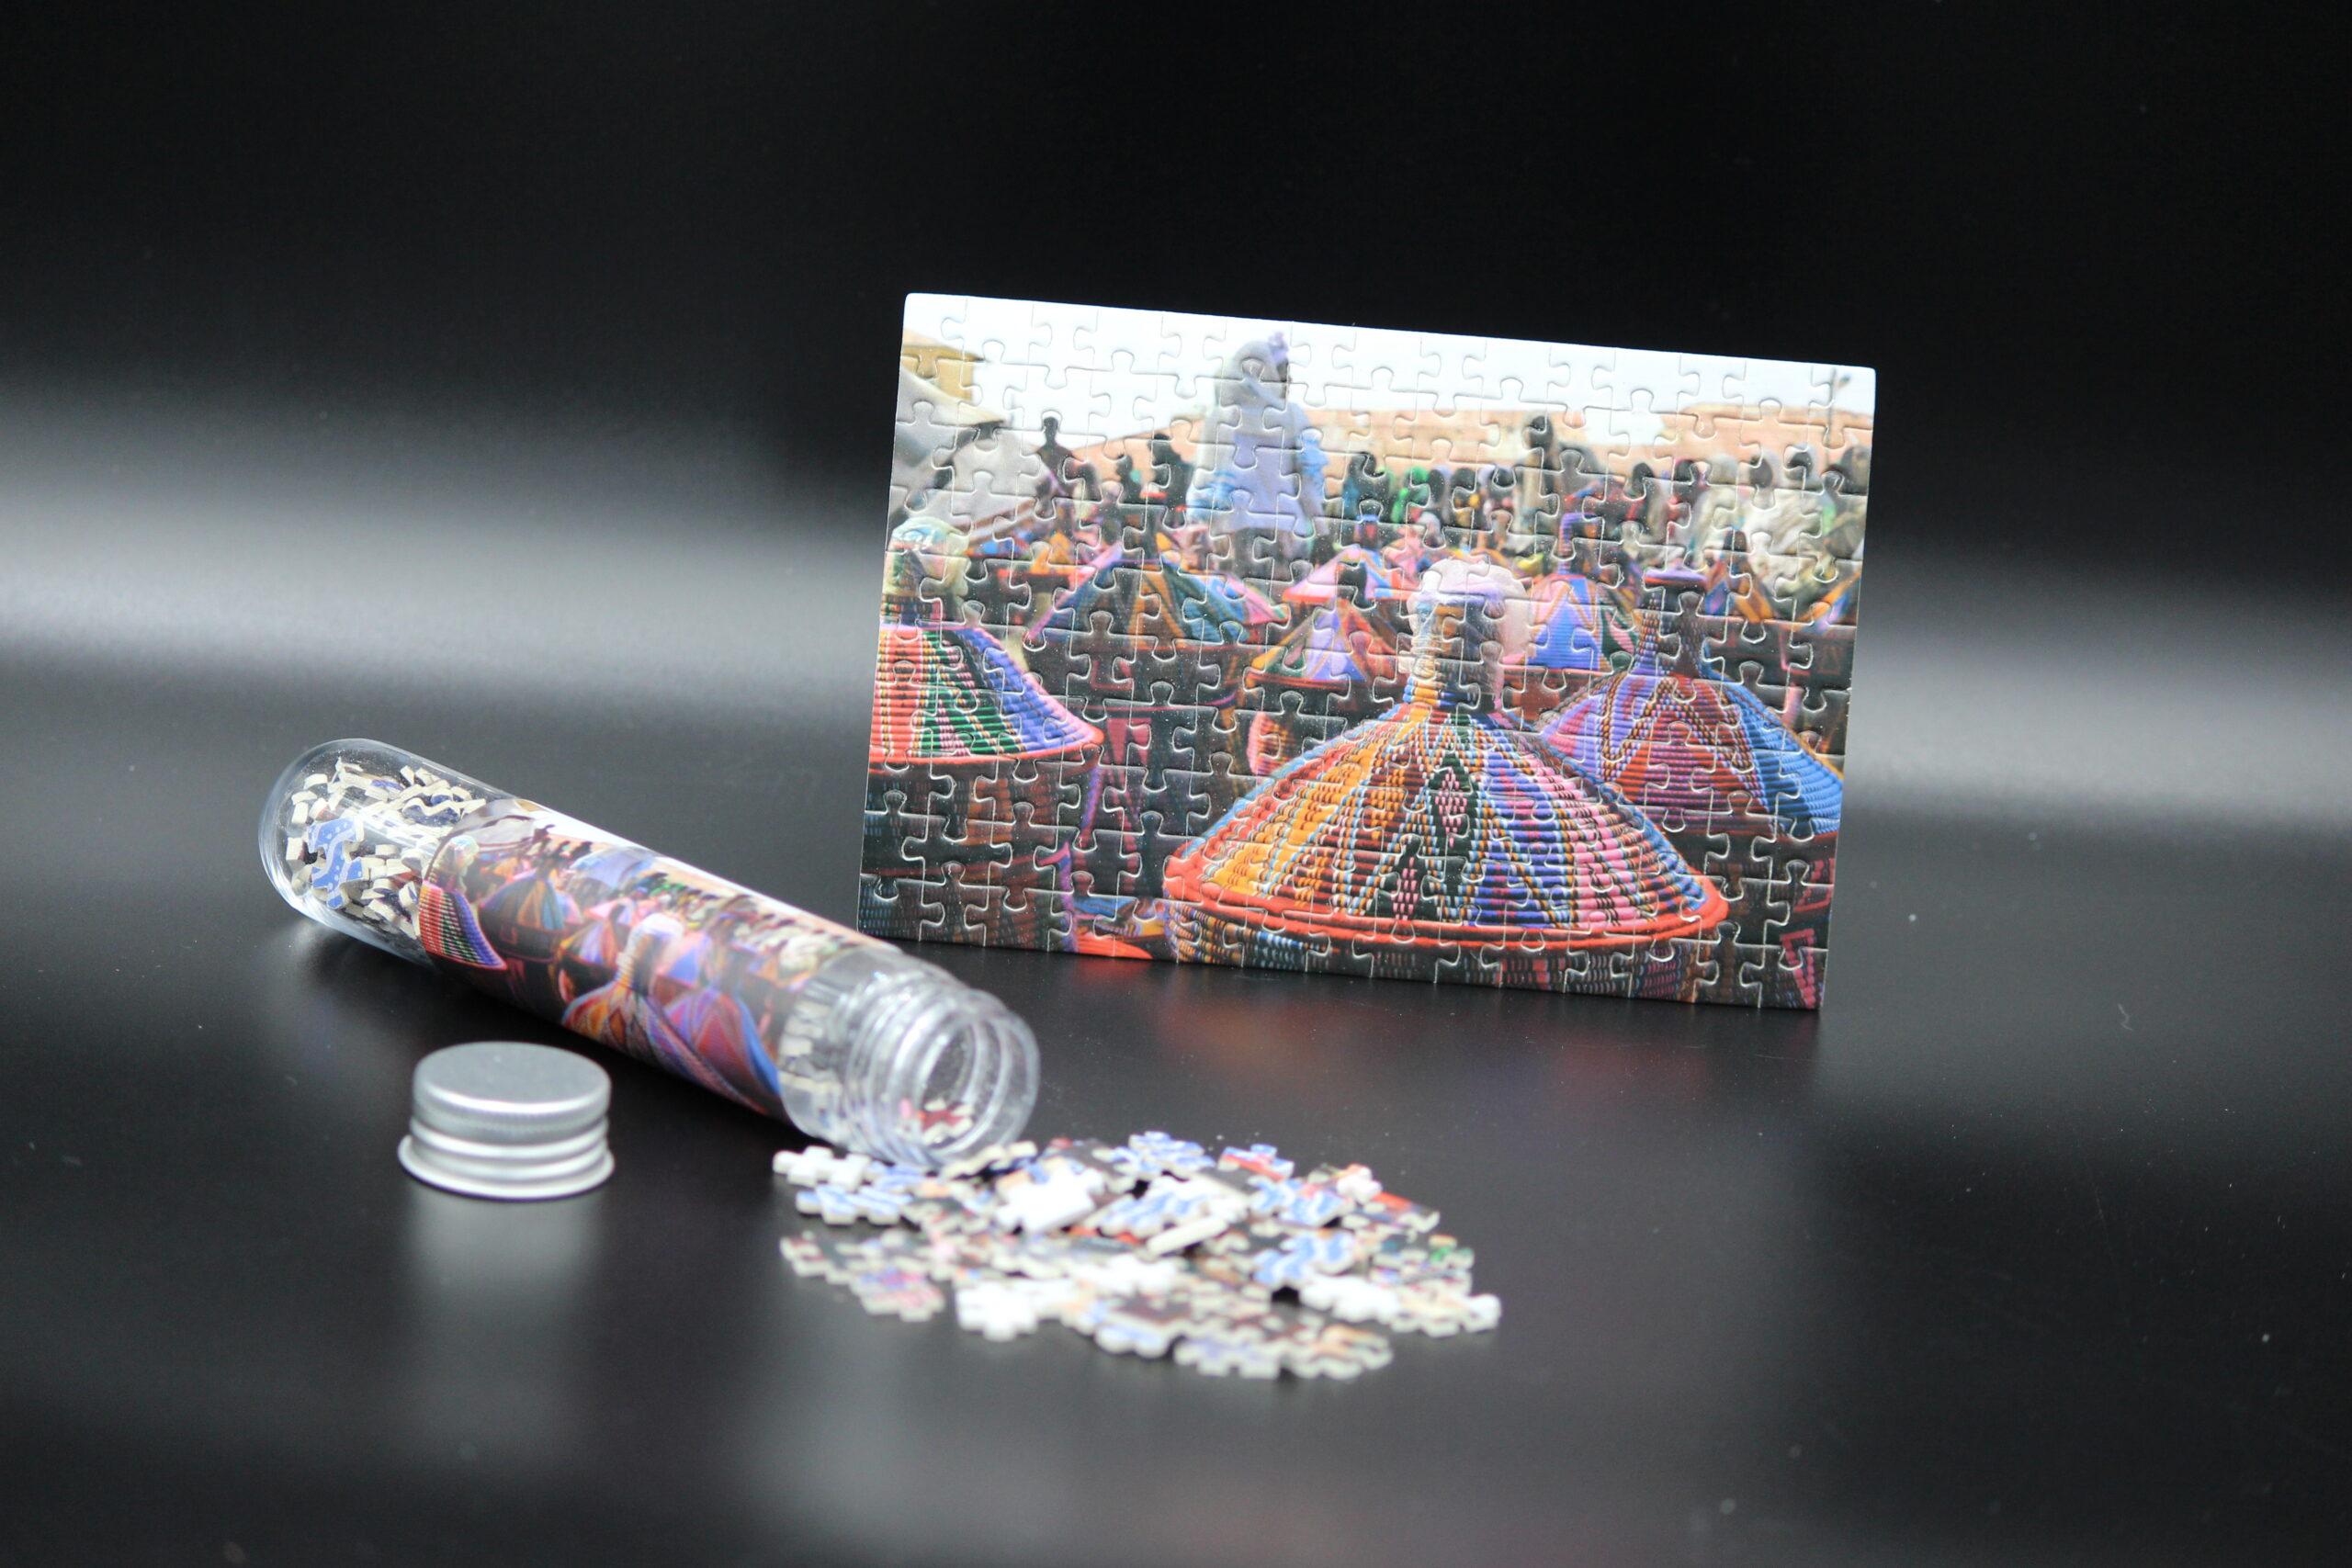 Auch so kann Afrika – in Form eines schönen Micro-Puzzles